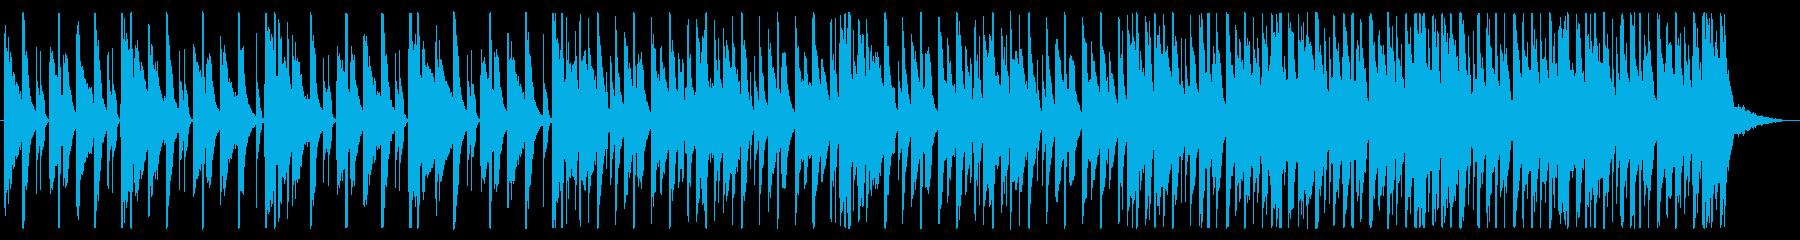 浮遊感/不思議/R&B_No490_2の再生済みの波形